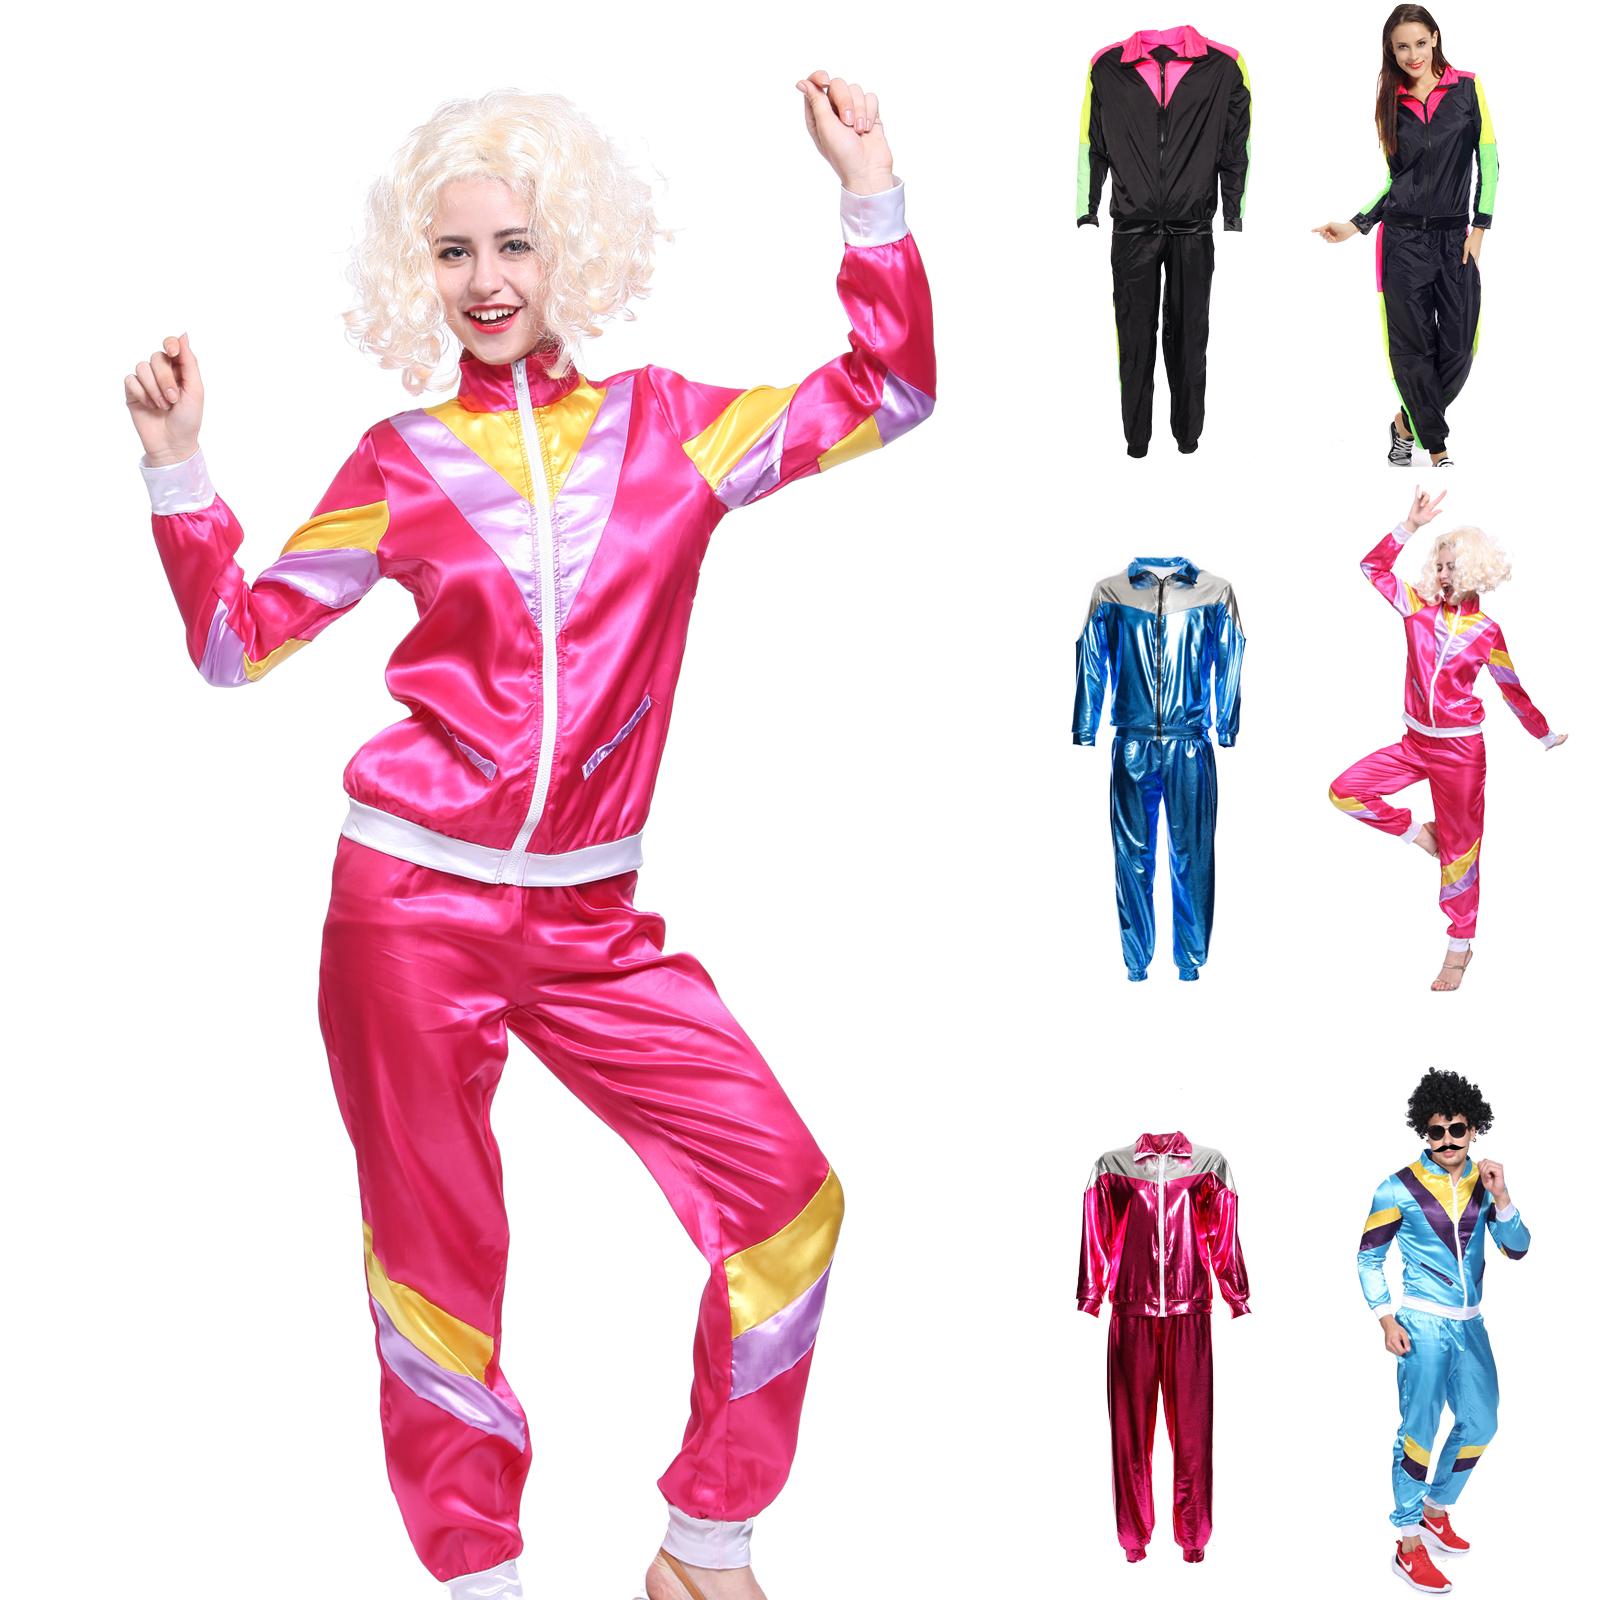 89e2e64399 Details about 80s 80's Mens Womens Shell Suit Scouse Tracksuit Costume  Scouser Fancy Suit